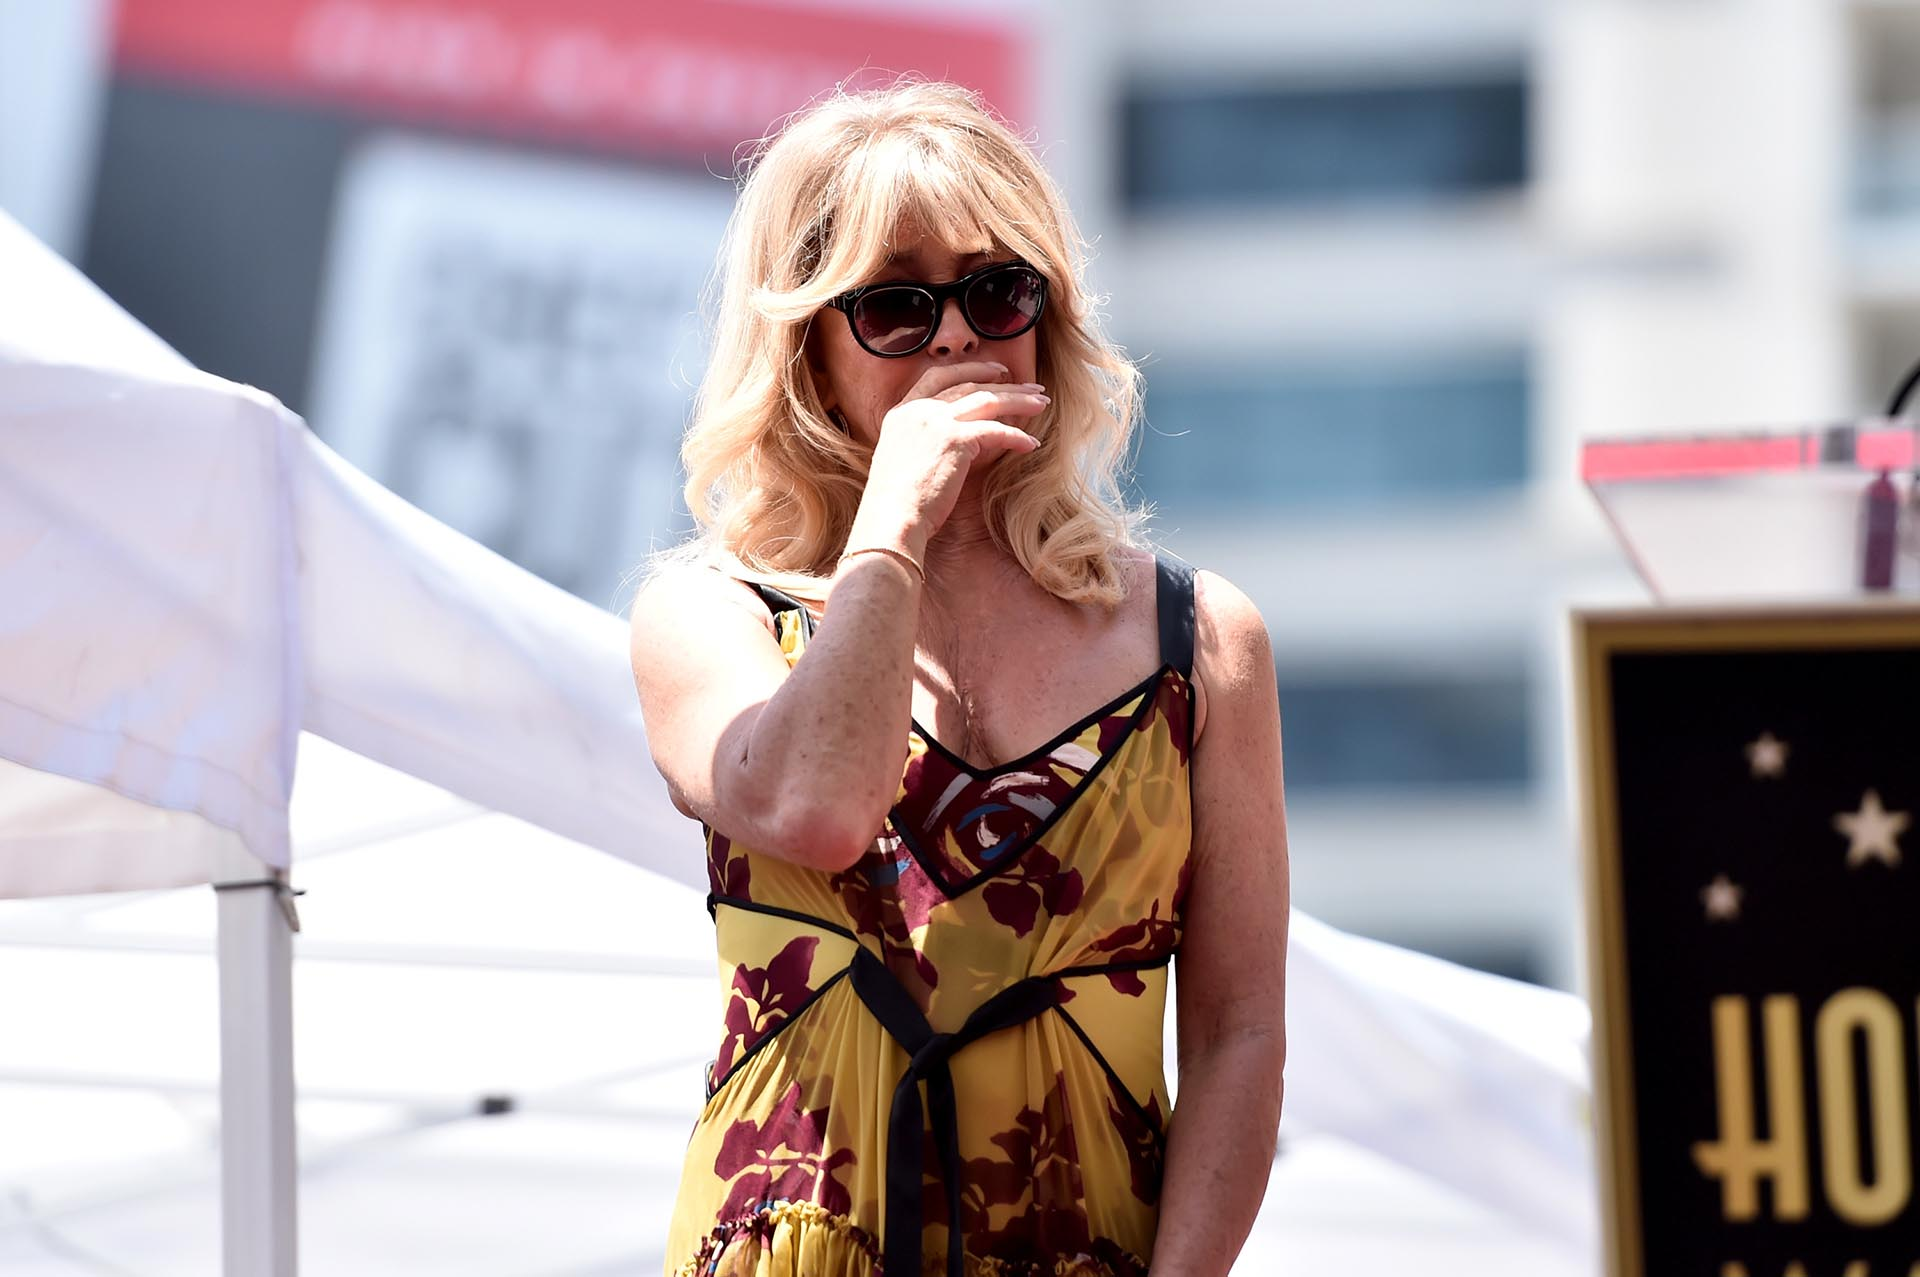 Goldie Hawn tampoco no pudo contener las lágrimas y rompió en llanto al escuchar las palabras de Kurt Russell